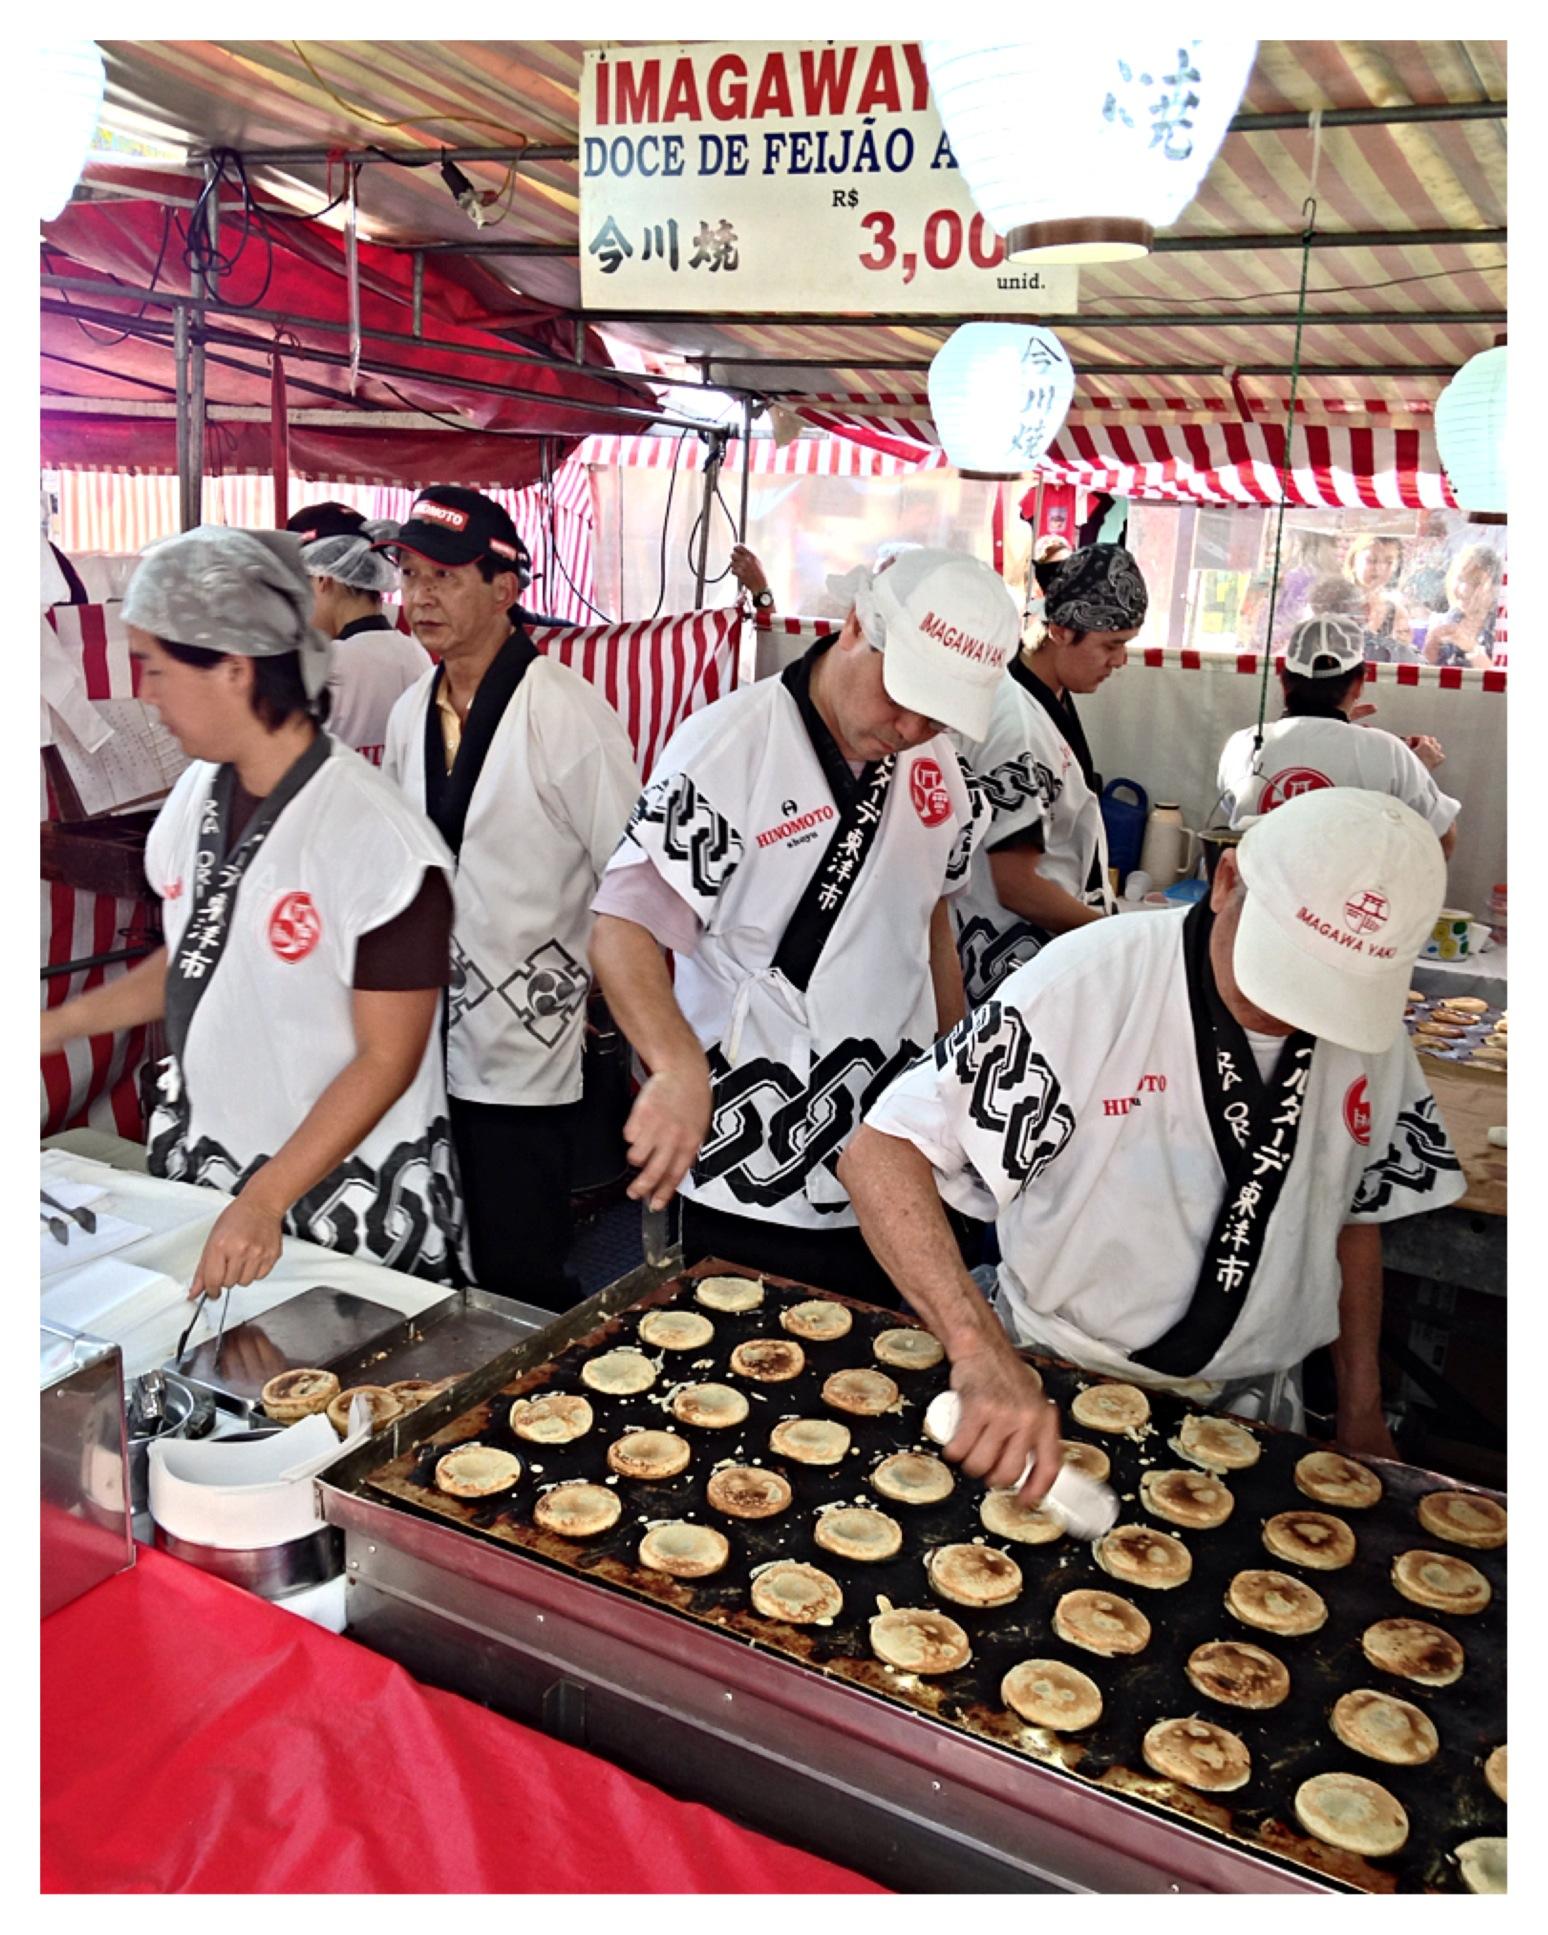 Sunday Market At Bairro da Liberdade | Sprung On Food